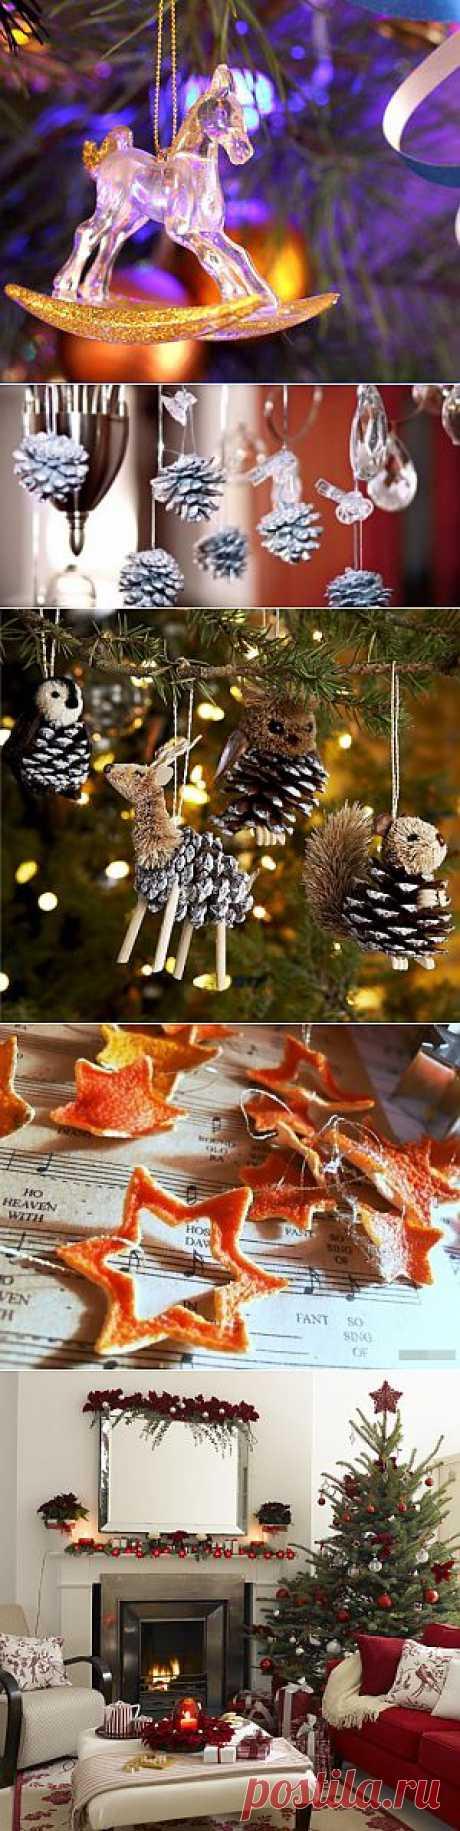 Как украсить свой дом к Новому году - идеи, примеры с фото